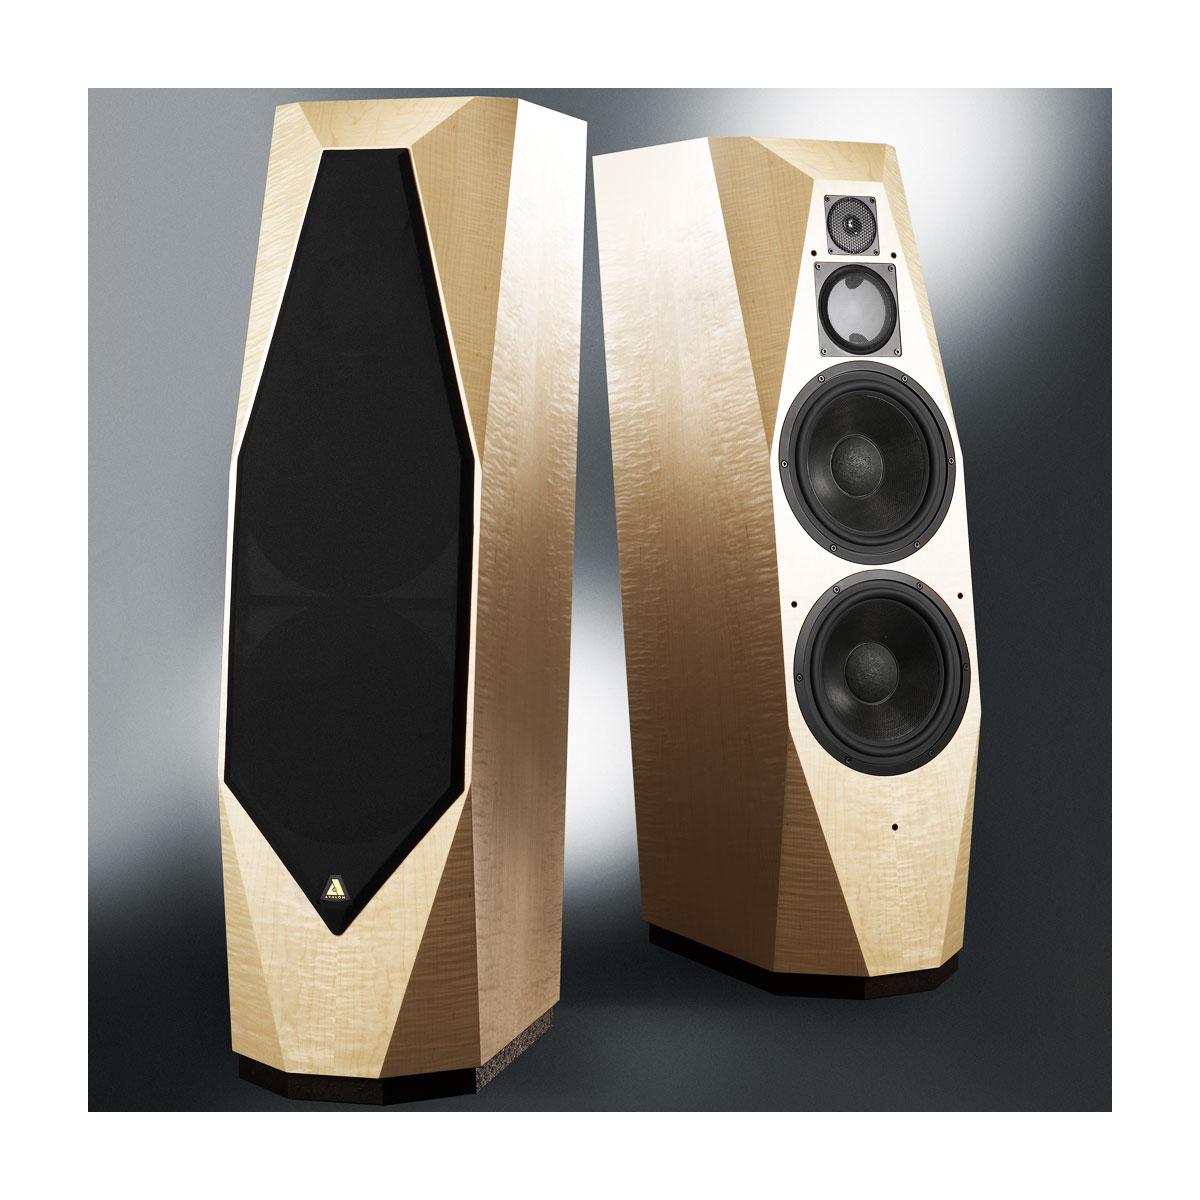 Avalon Acoustics Time Maple 価格お問い合わせください。 アヴァロン スピーカーシステム